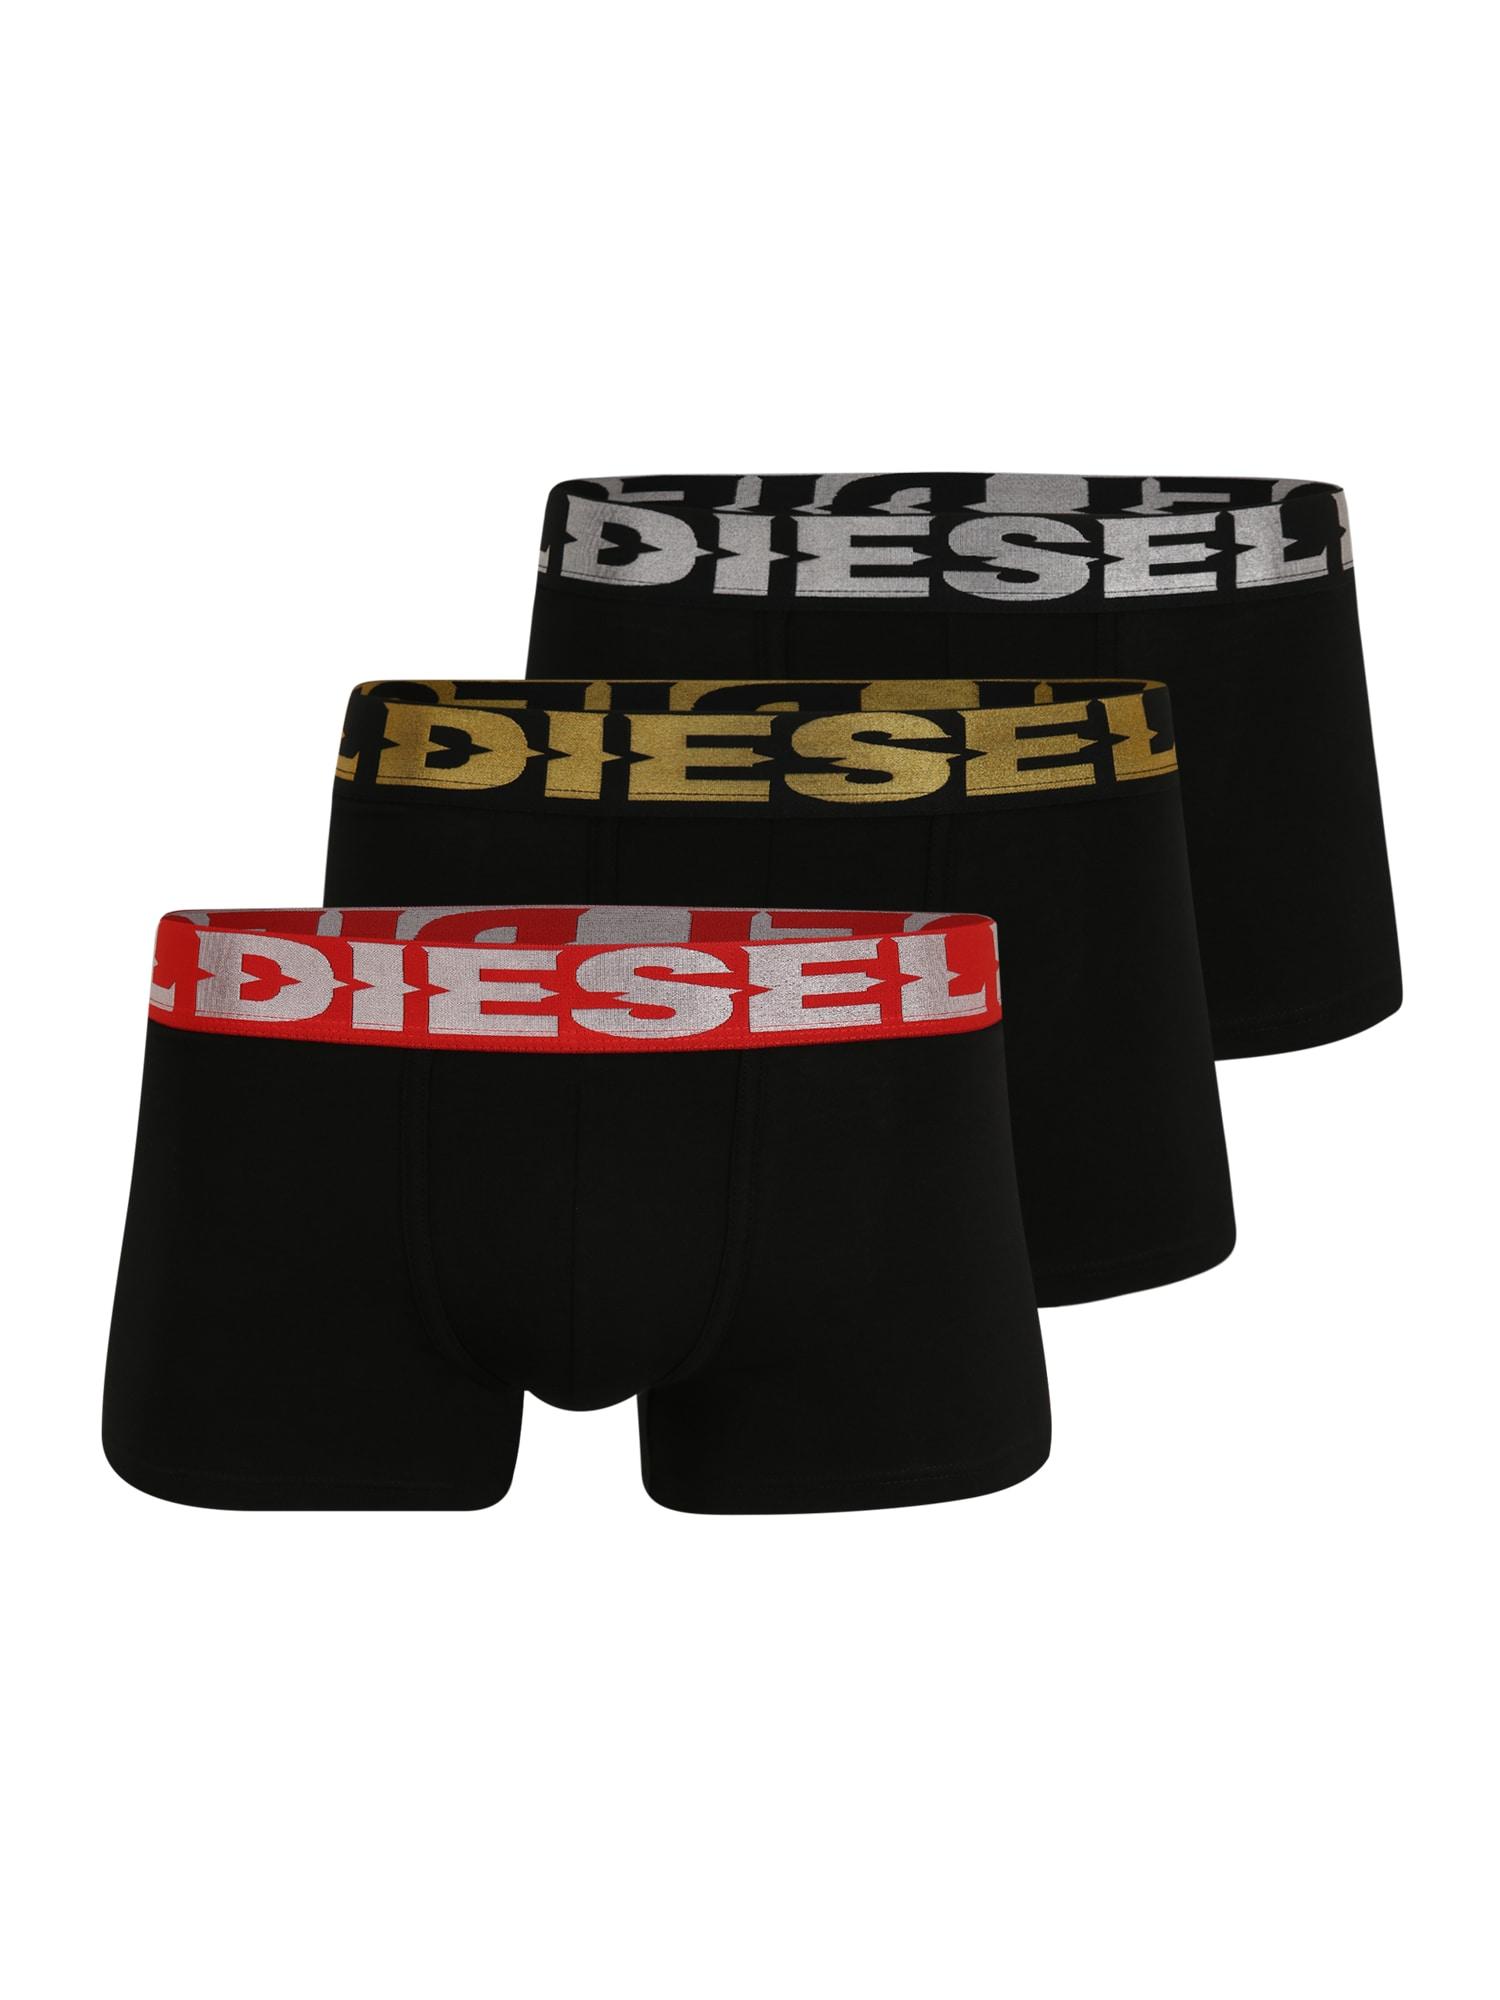 DIESEL Boxer trumpikės juoda / raudona / sidabro pilka / aukso geltonumo spalva